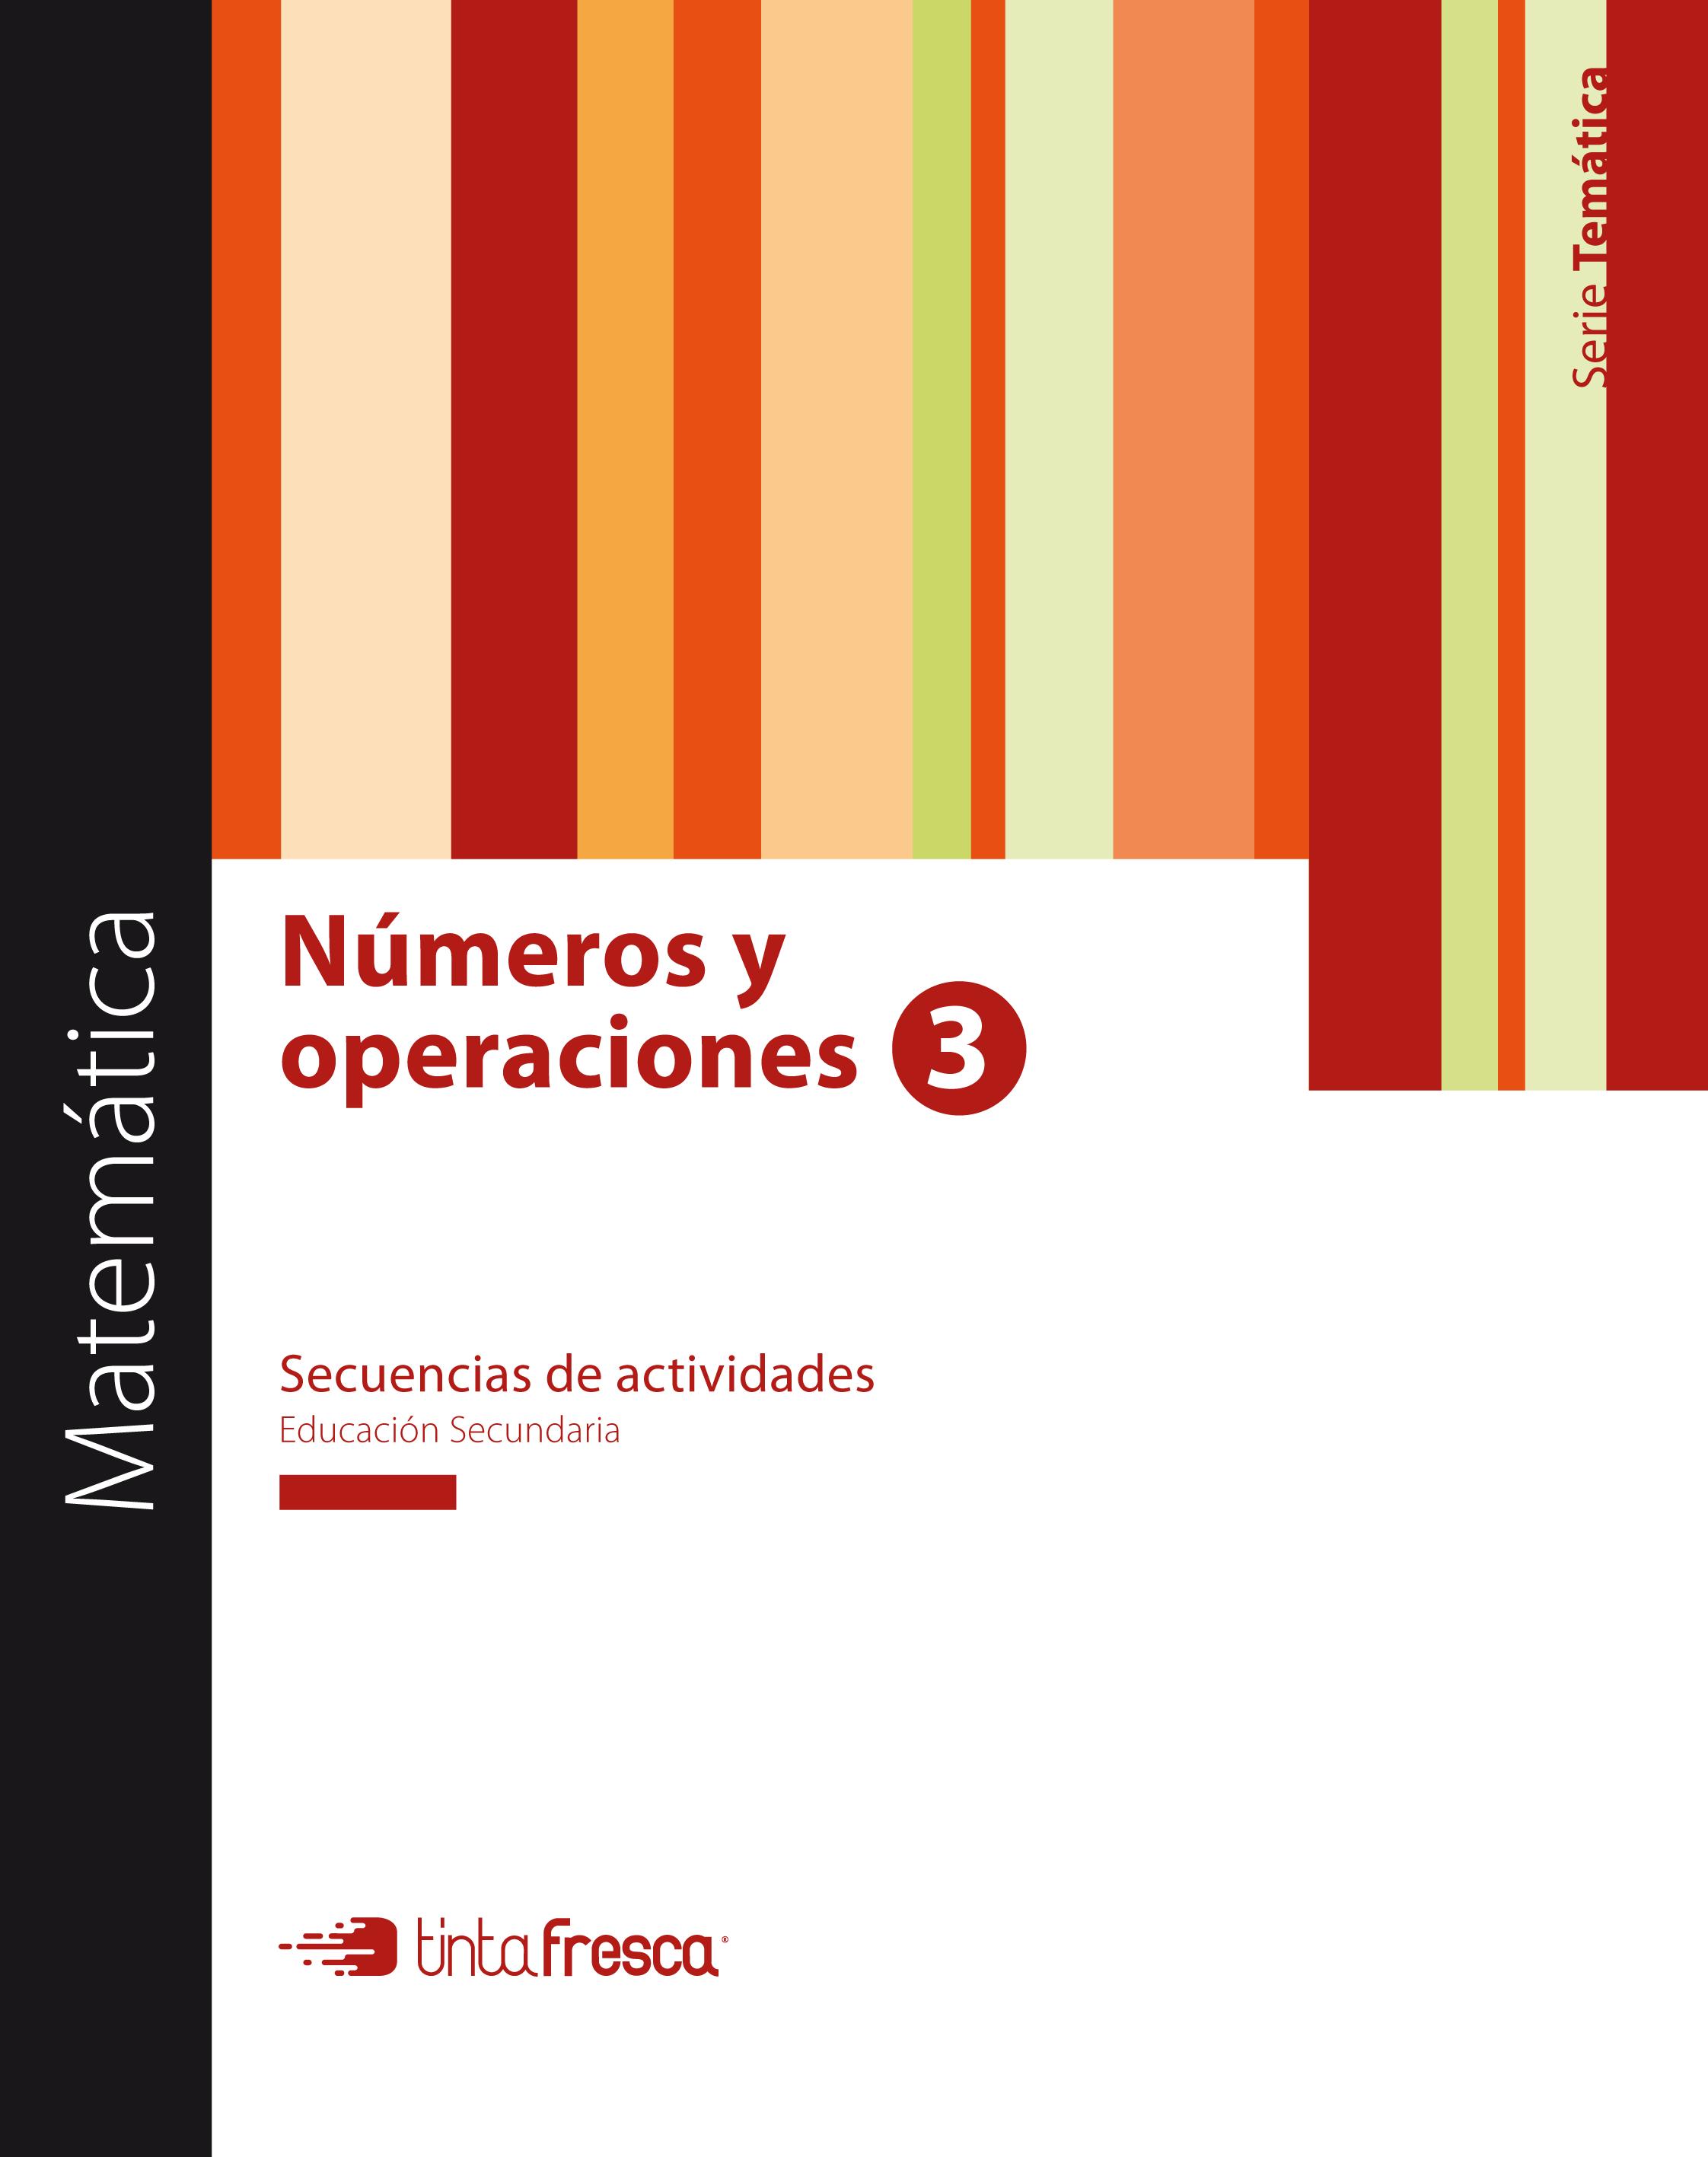 Números y operaciones 3